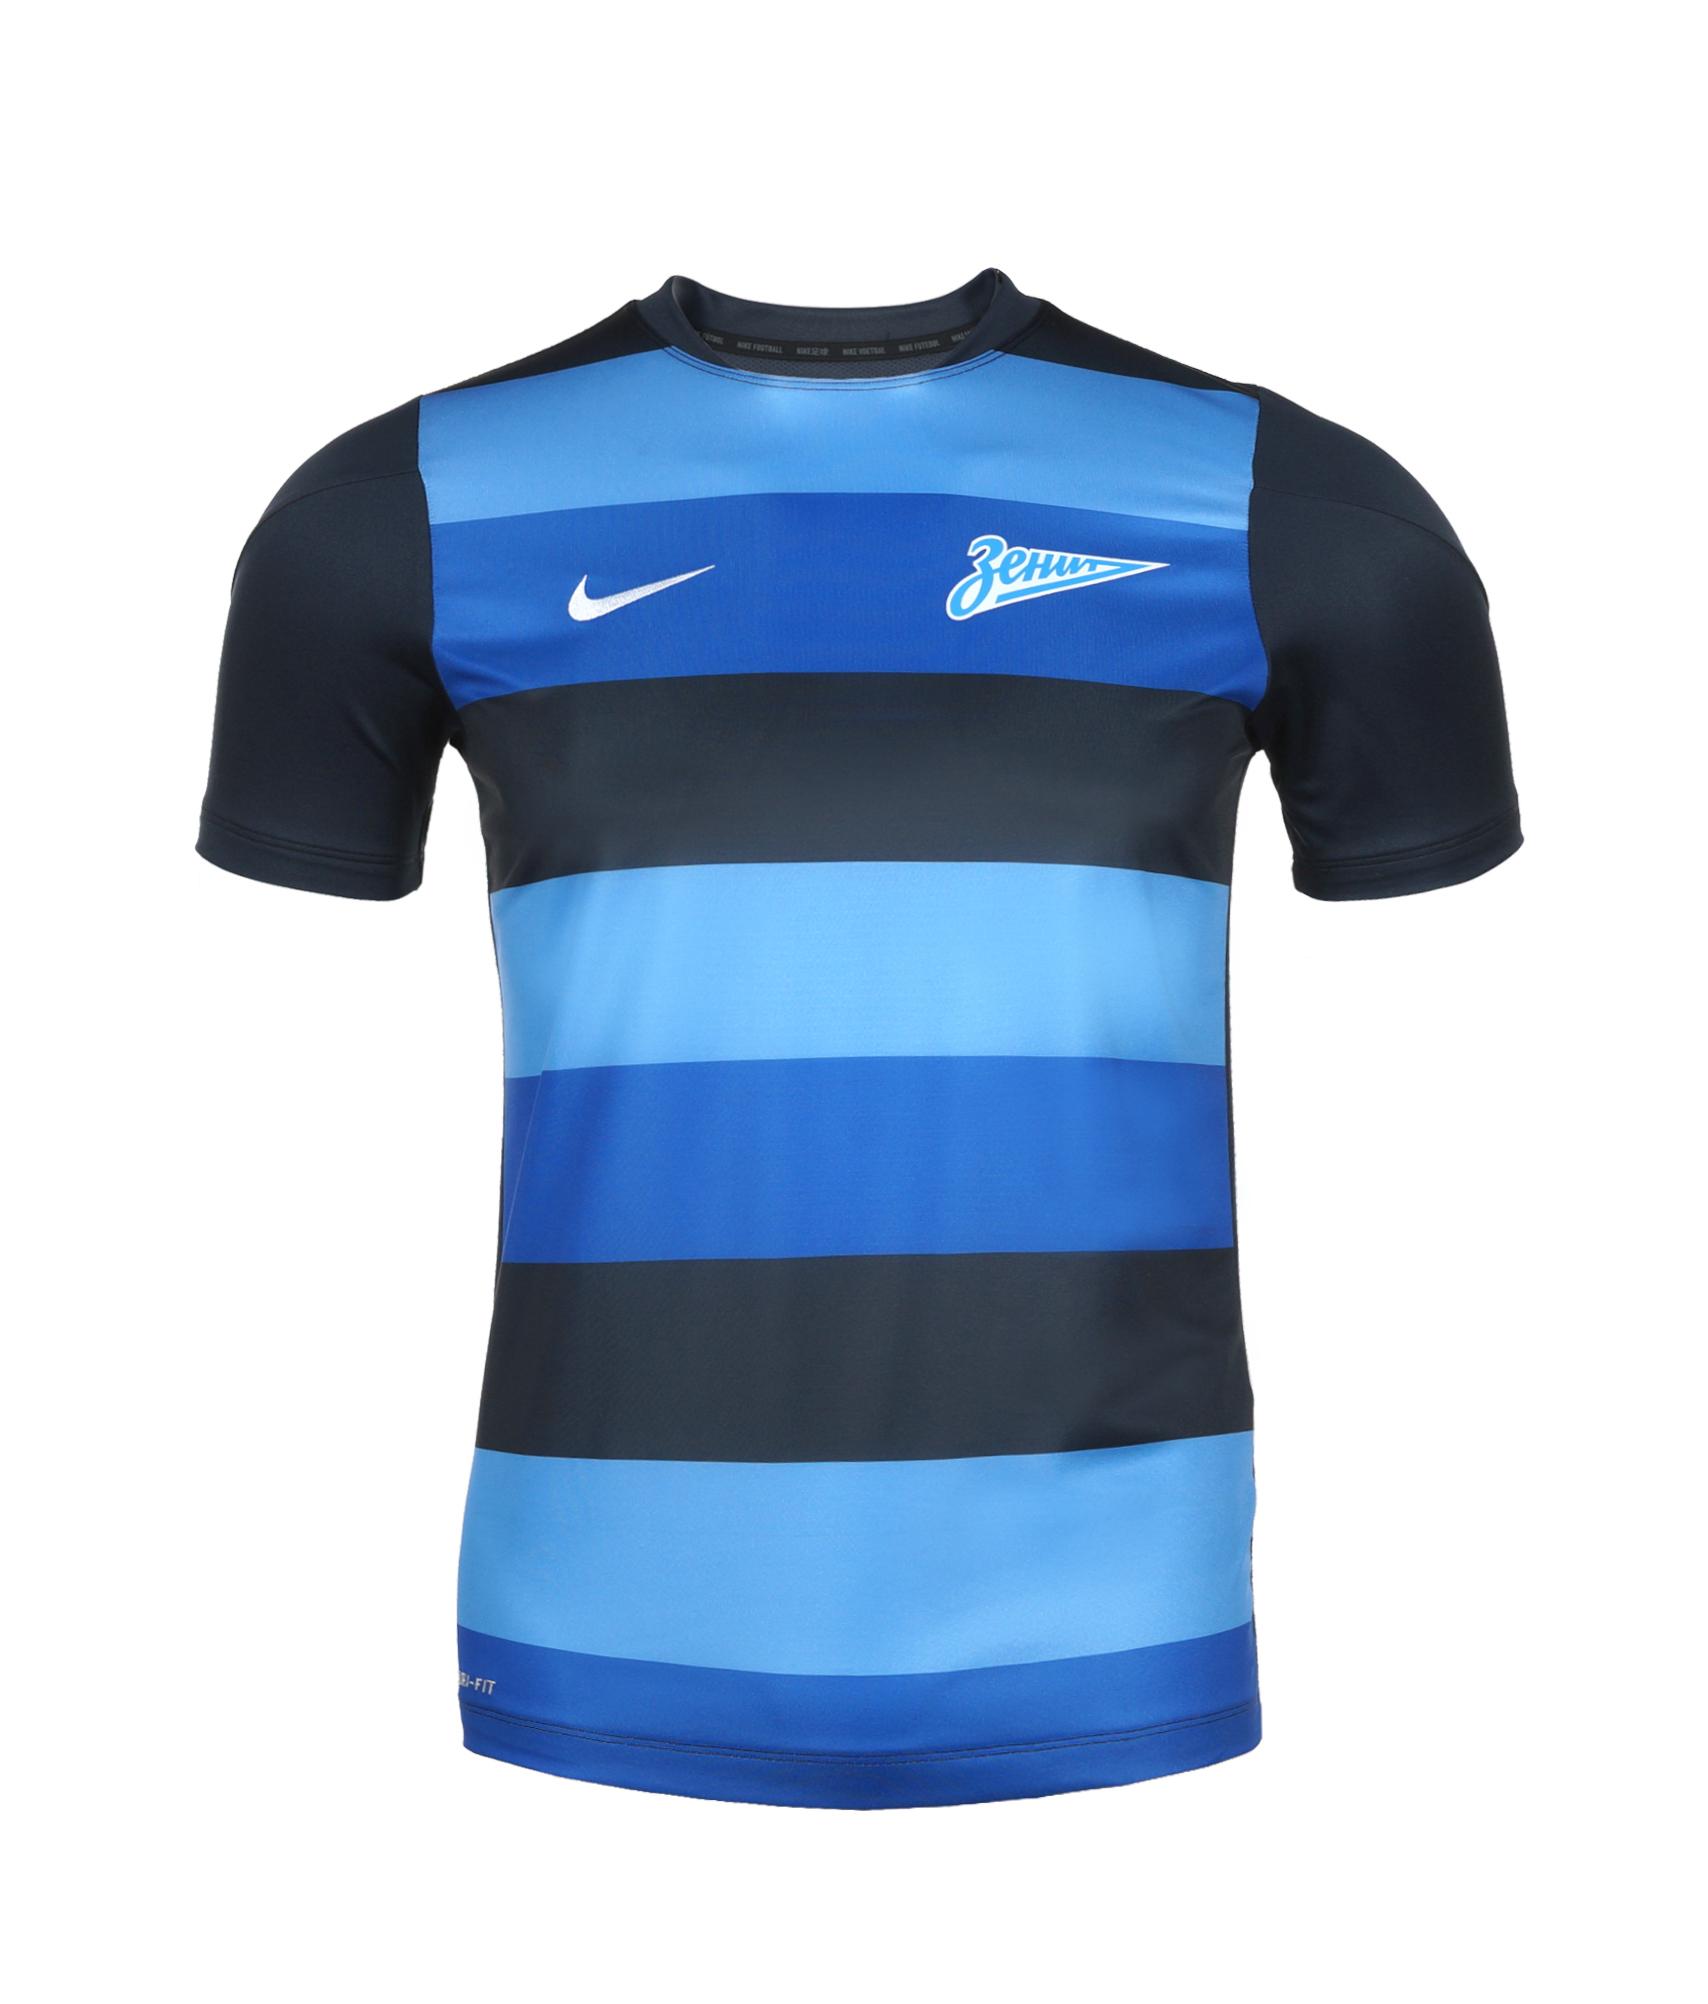 Предыгровая подростковая футболка, Цвет-Синий, Размер-L